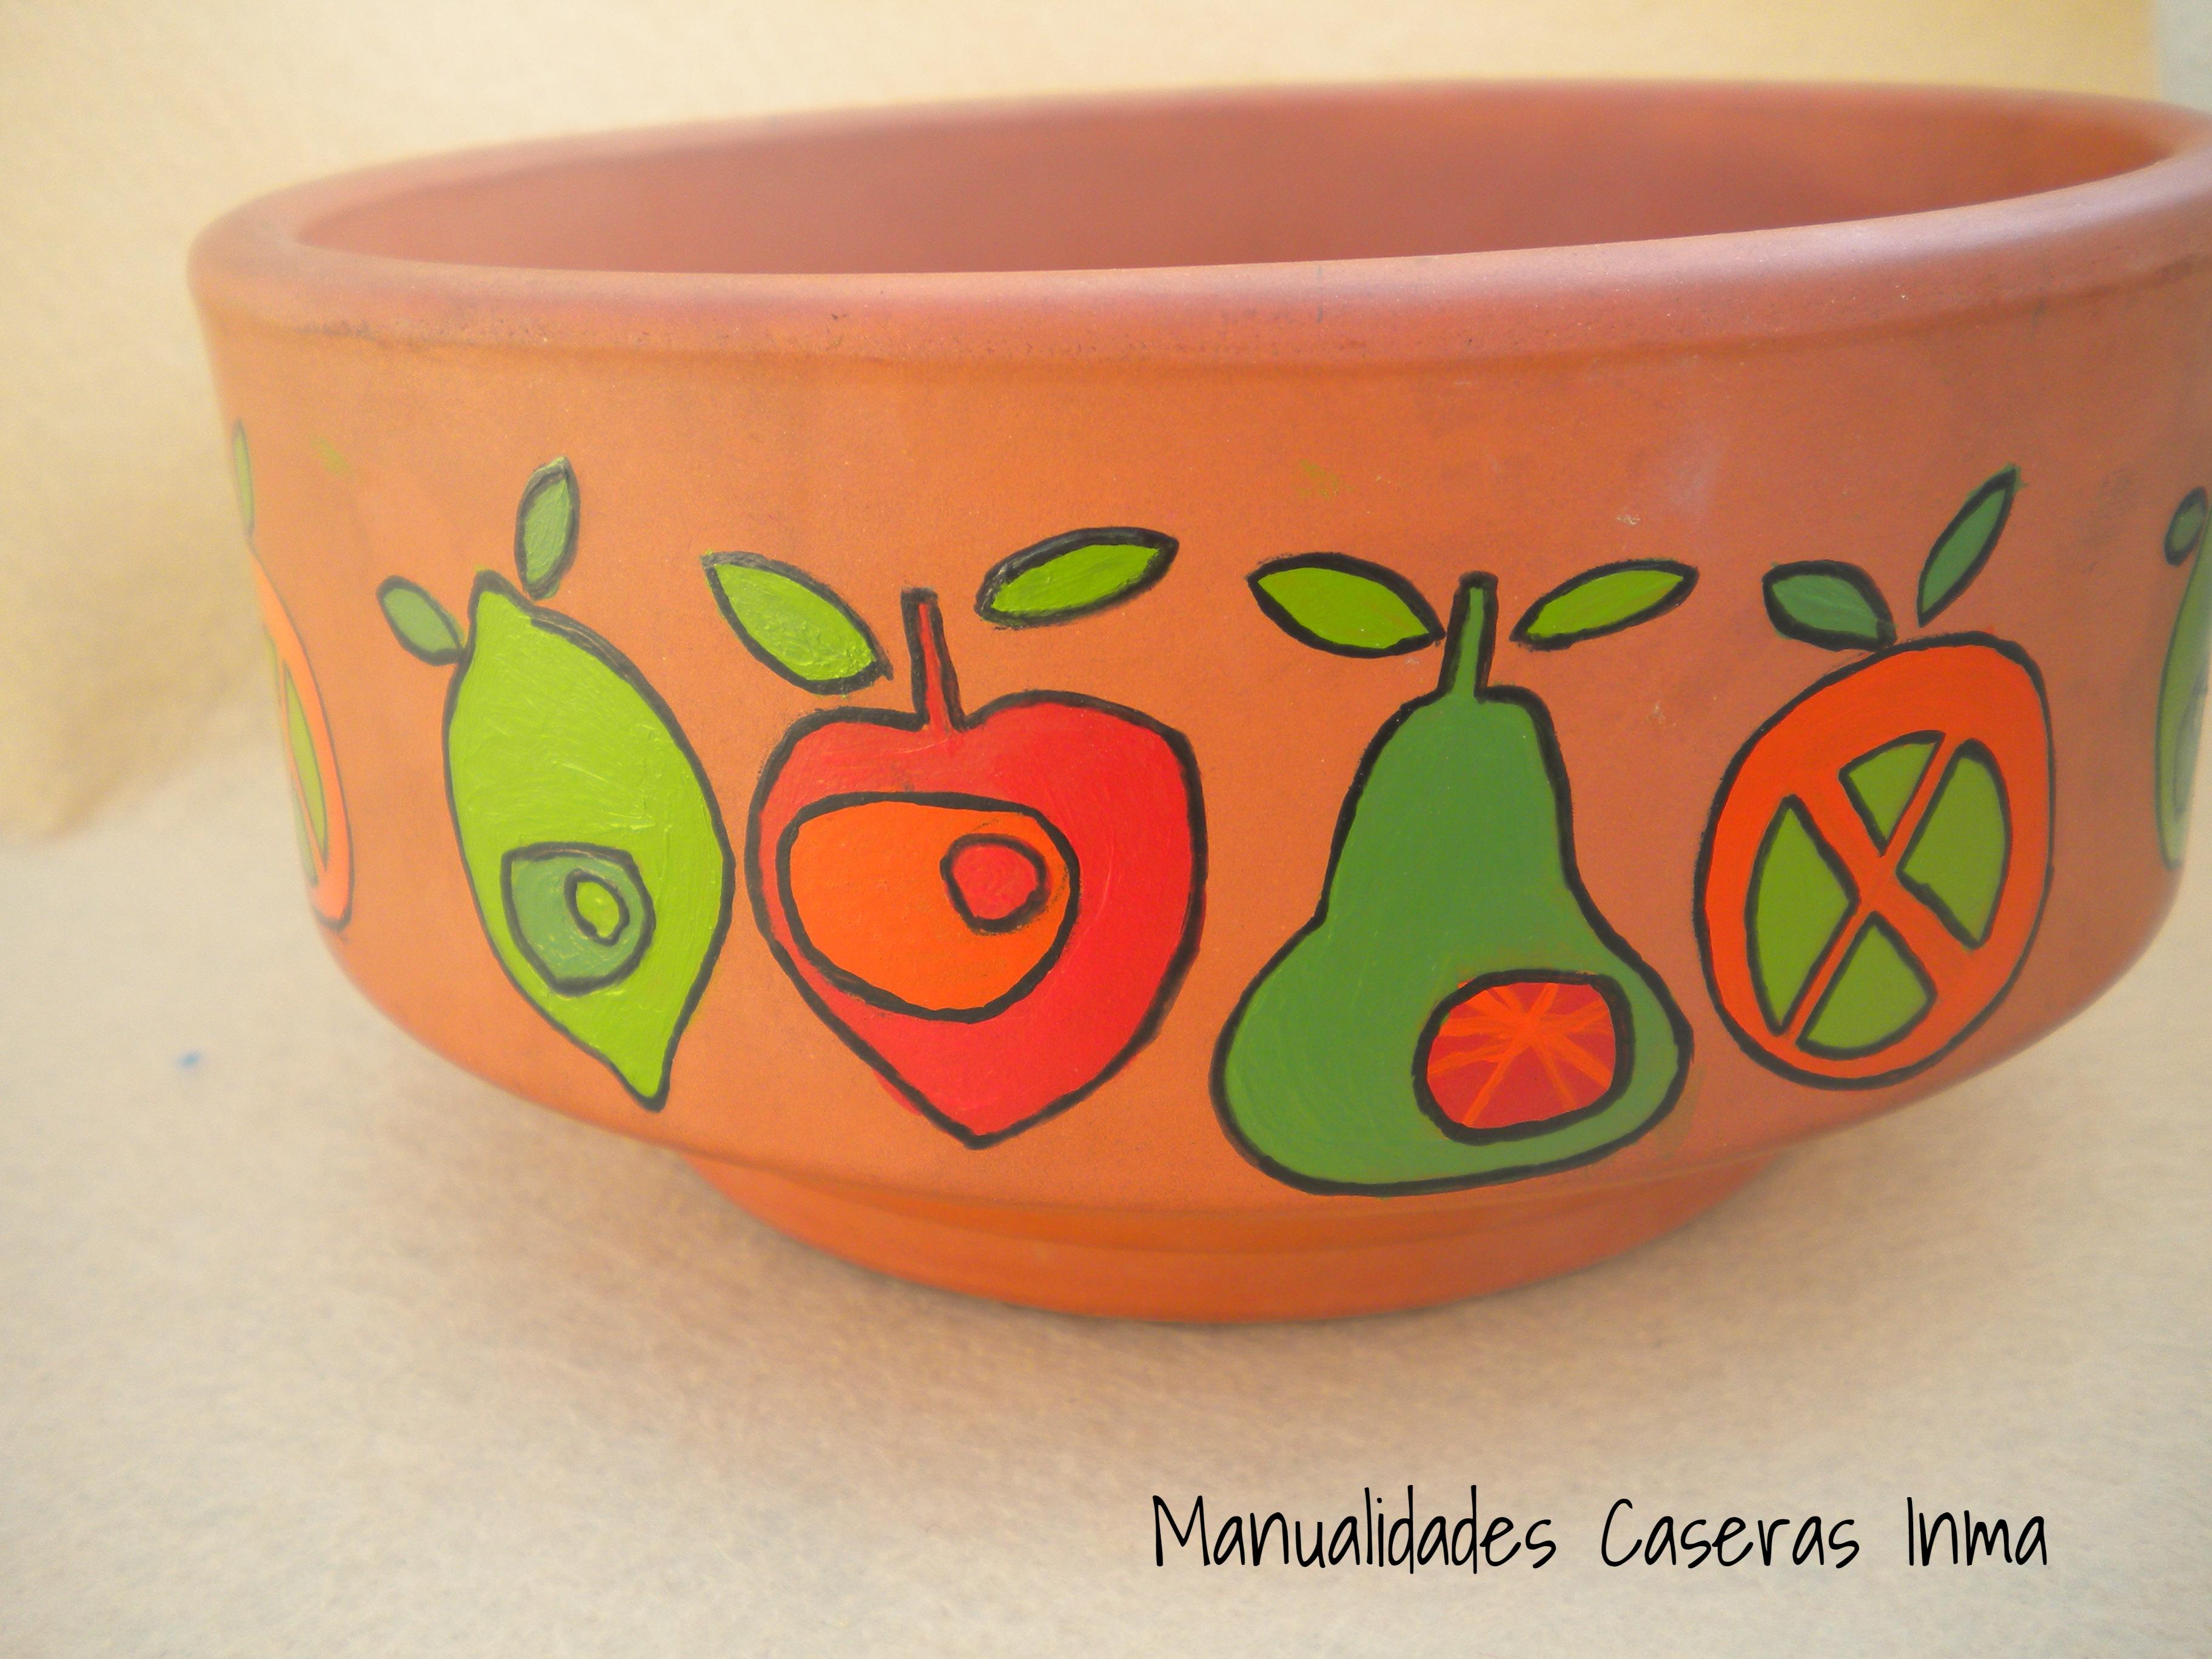 Manualidades Caseras Inma Maceta de Cerámica decorada con Frutas perfiladas